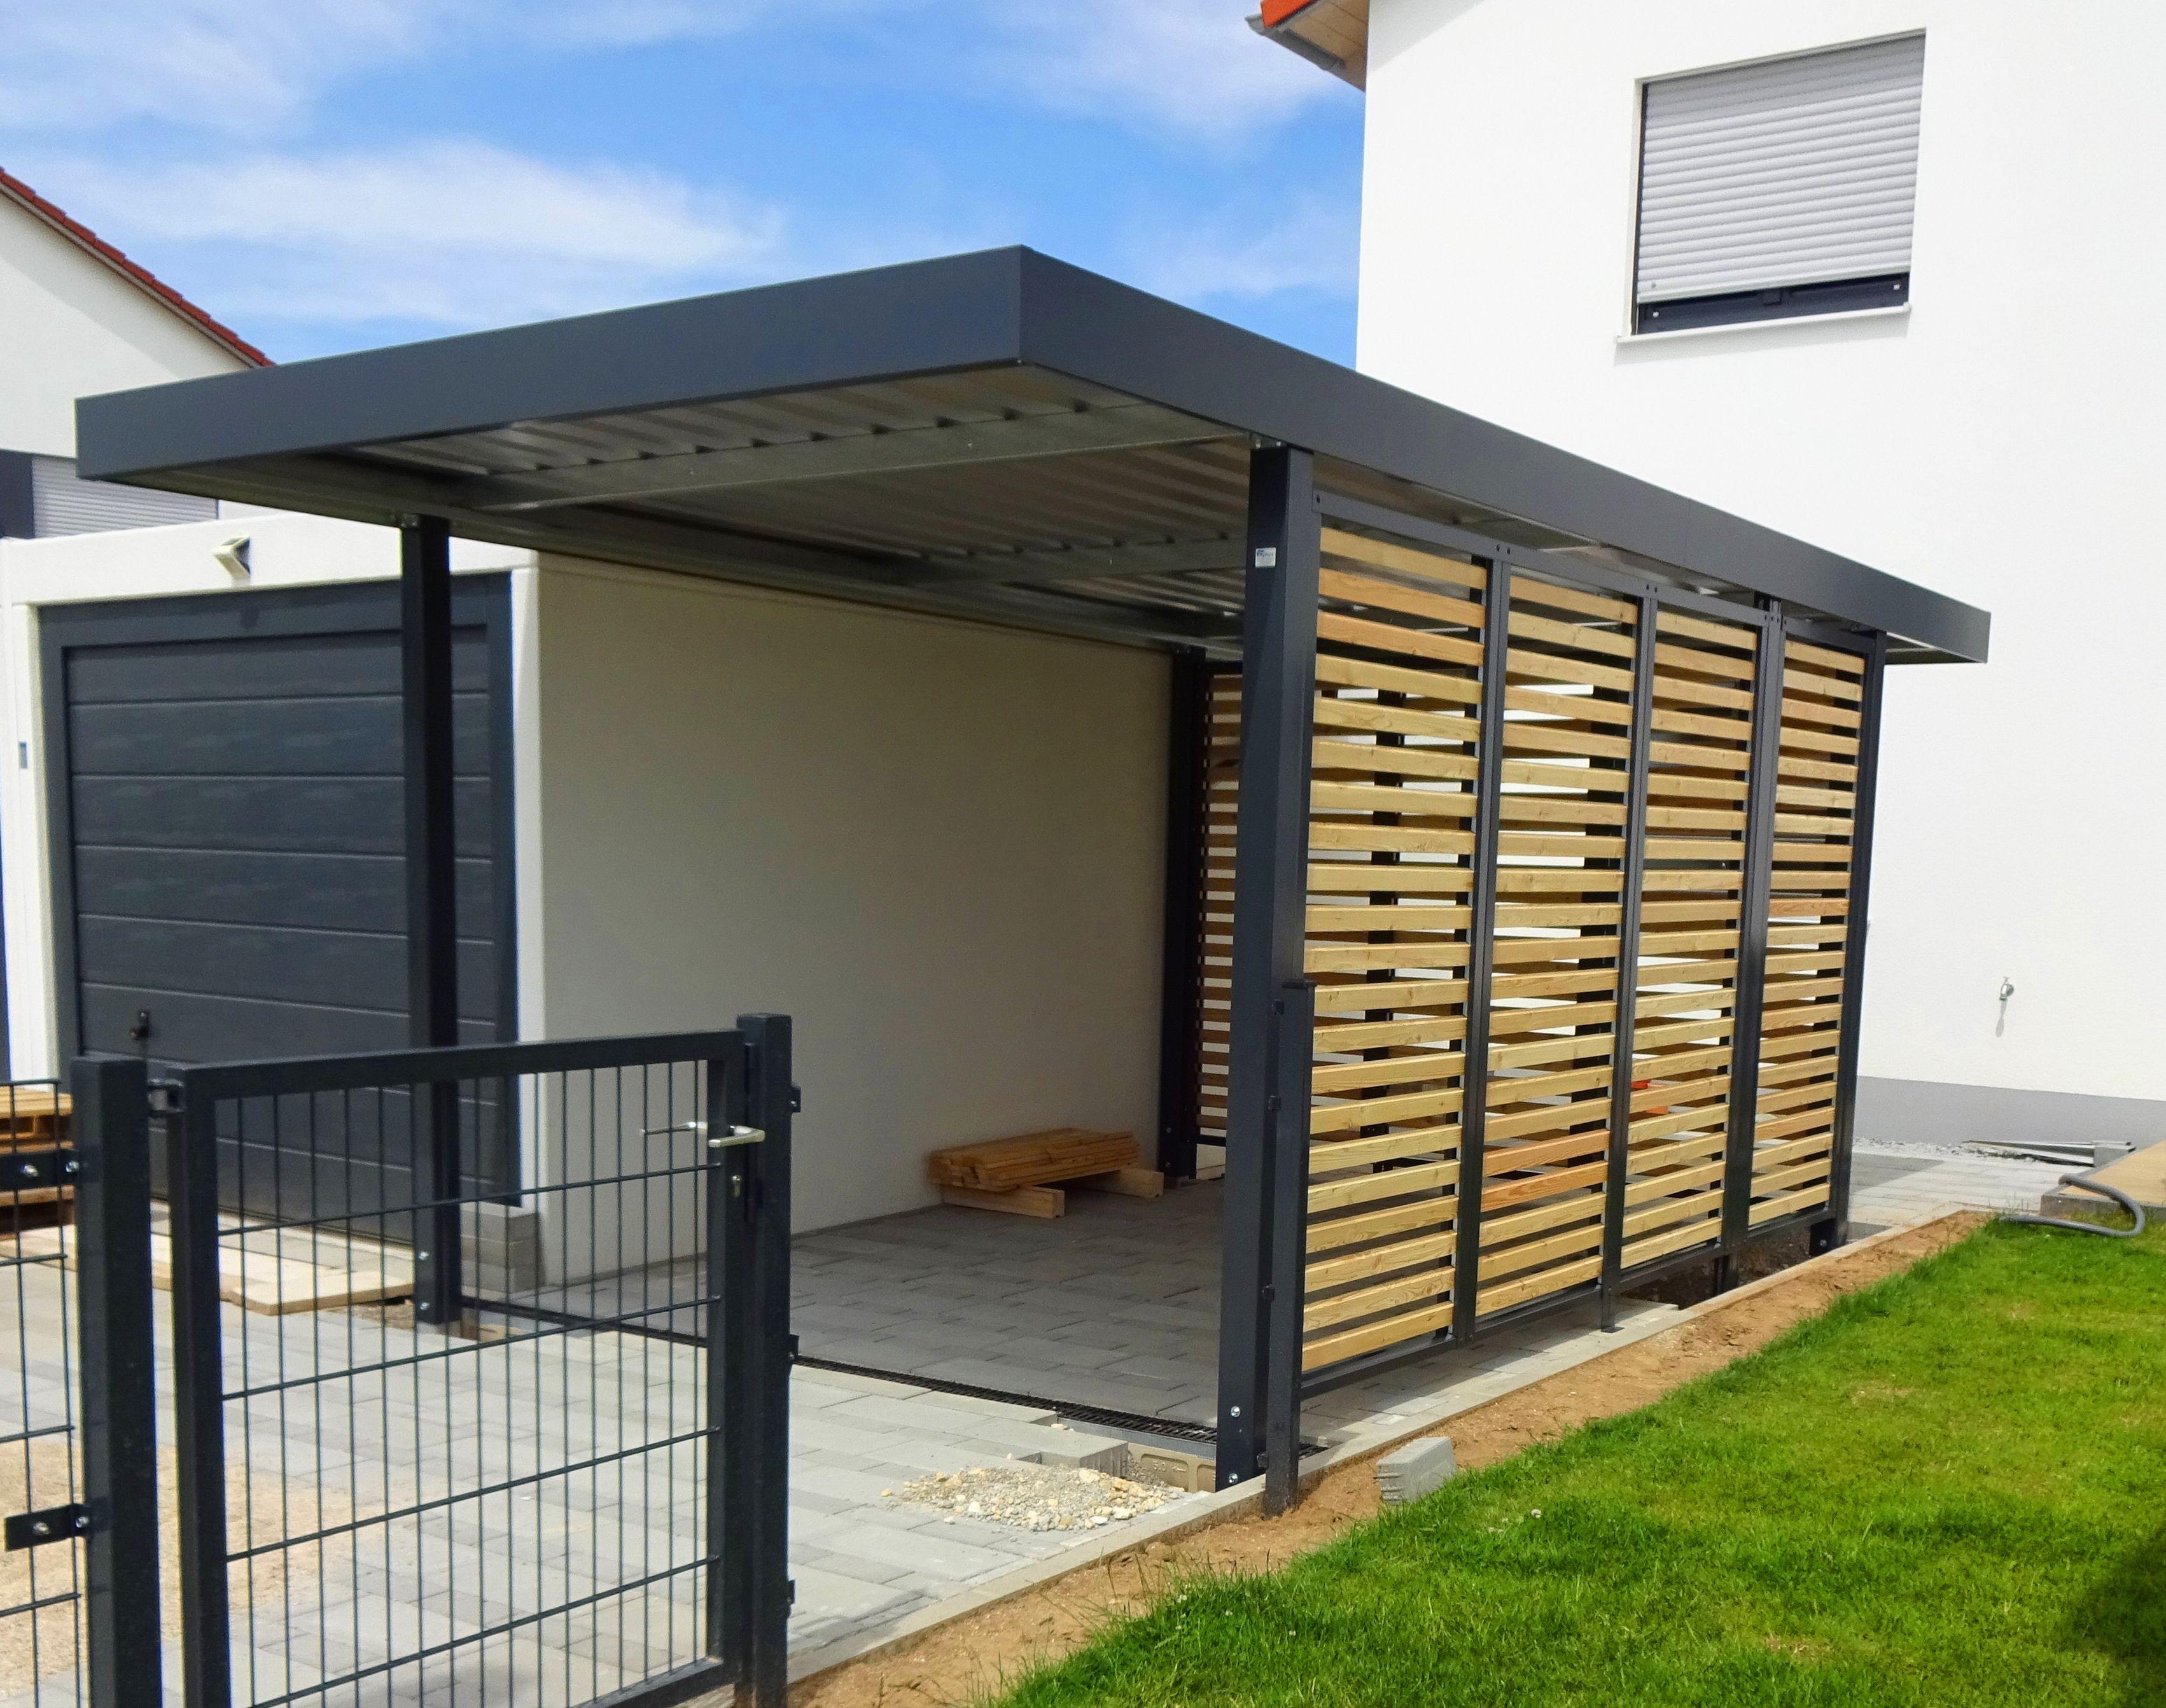 Myport Einzelcarport Mit Holz Wandfeldern Carport Stahl Moderne Hausfassaden Carport